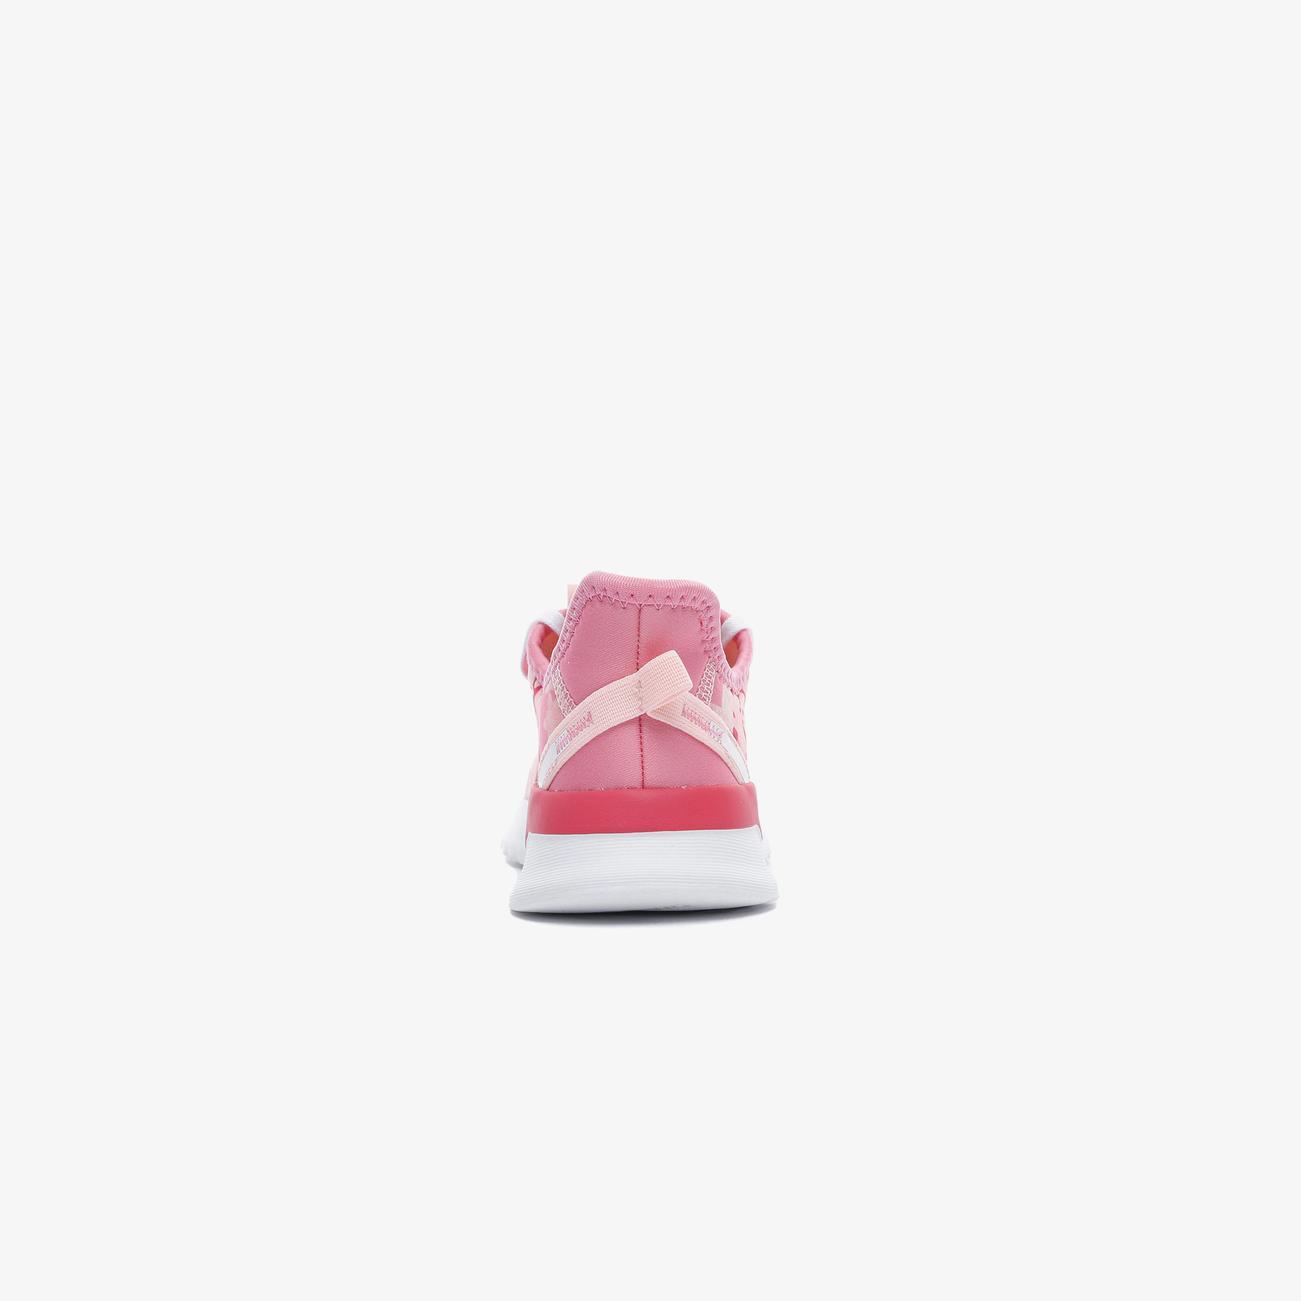 adidas U_Path Run Pembe Spor Ayakkabı